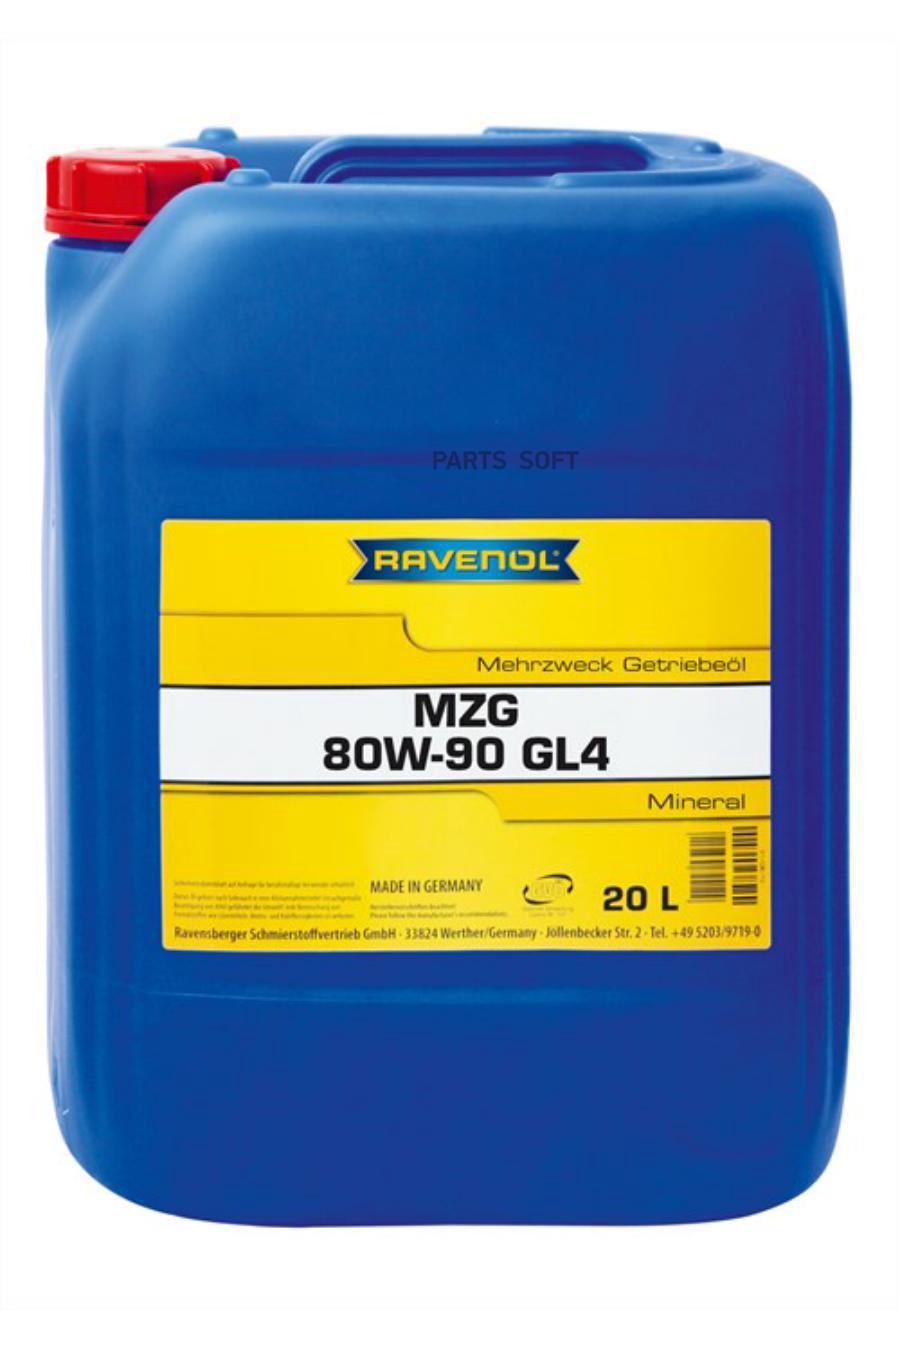 Масло трансмиссионное минеральное Mehrzweck-Getriebeol MZG 80W-90, 20л